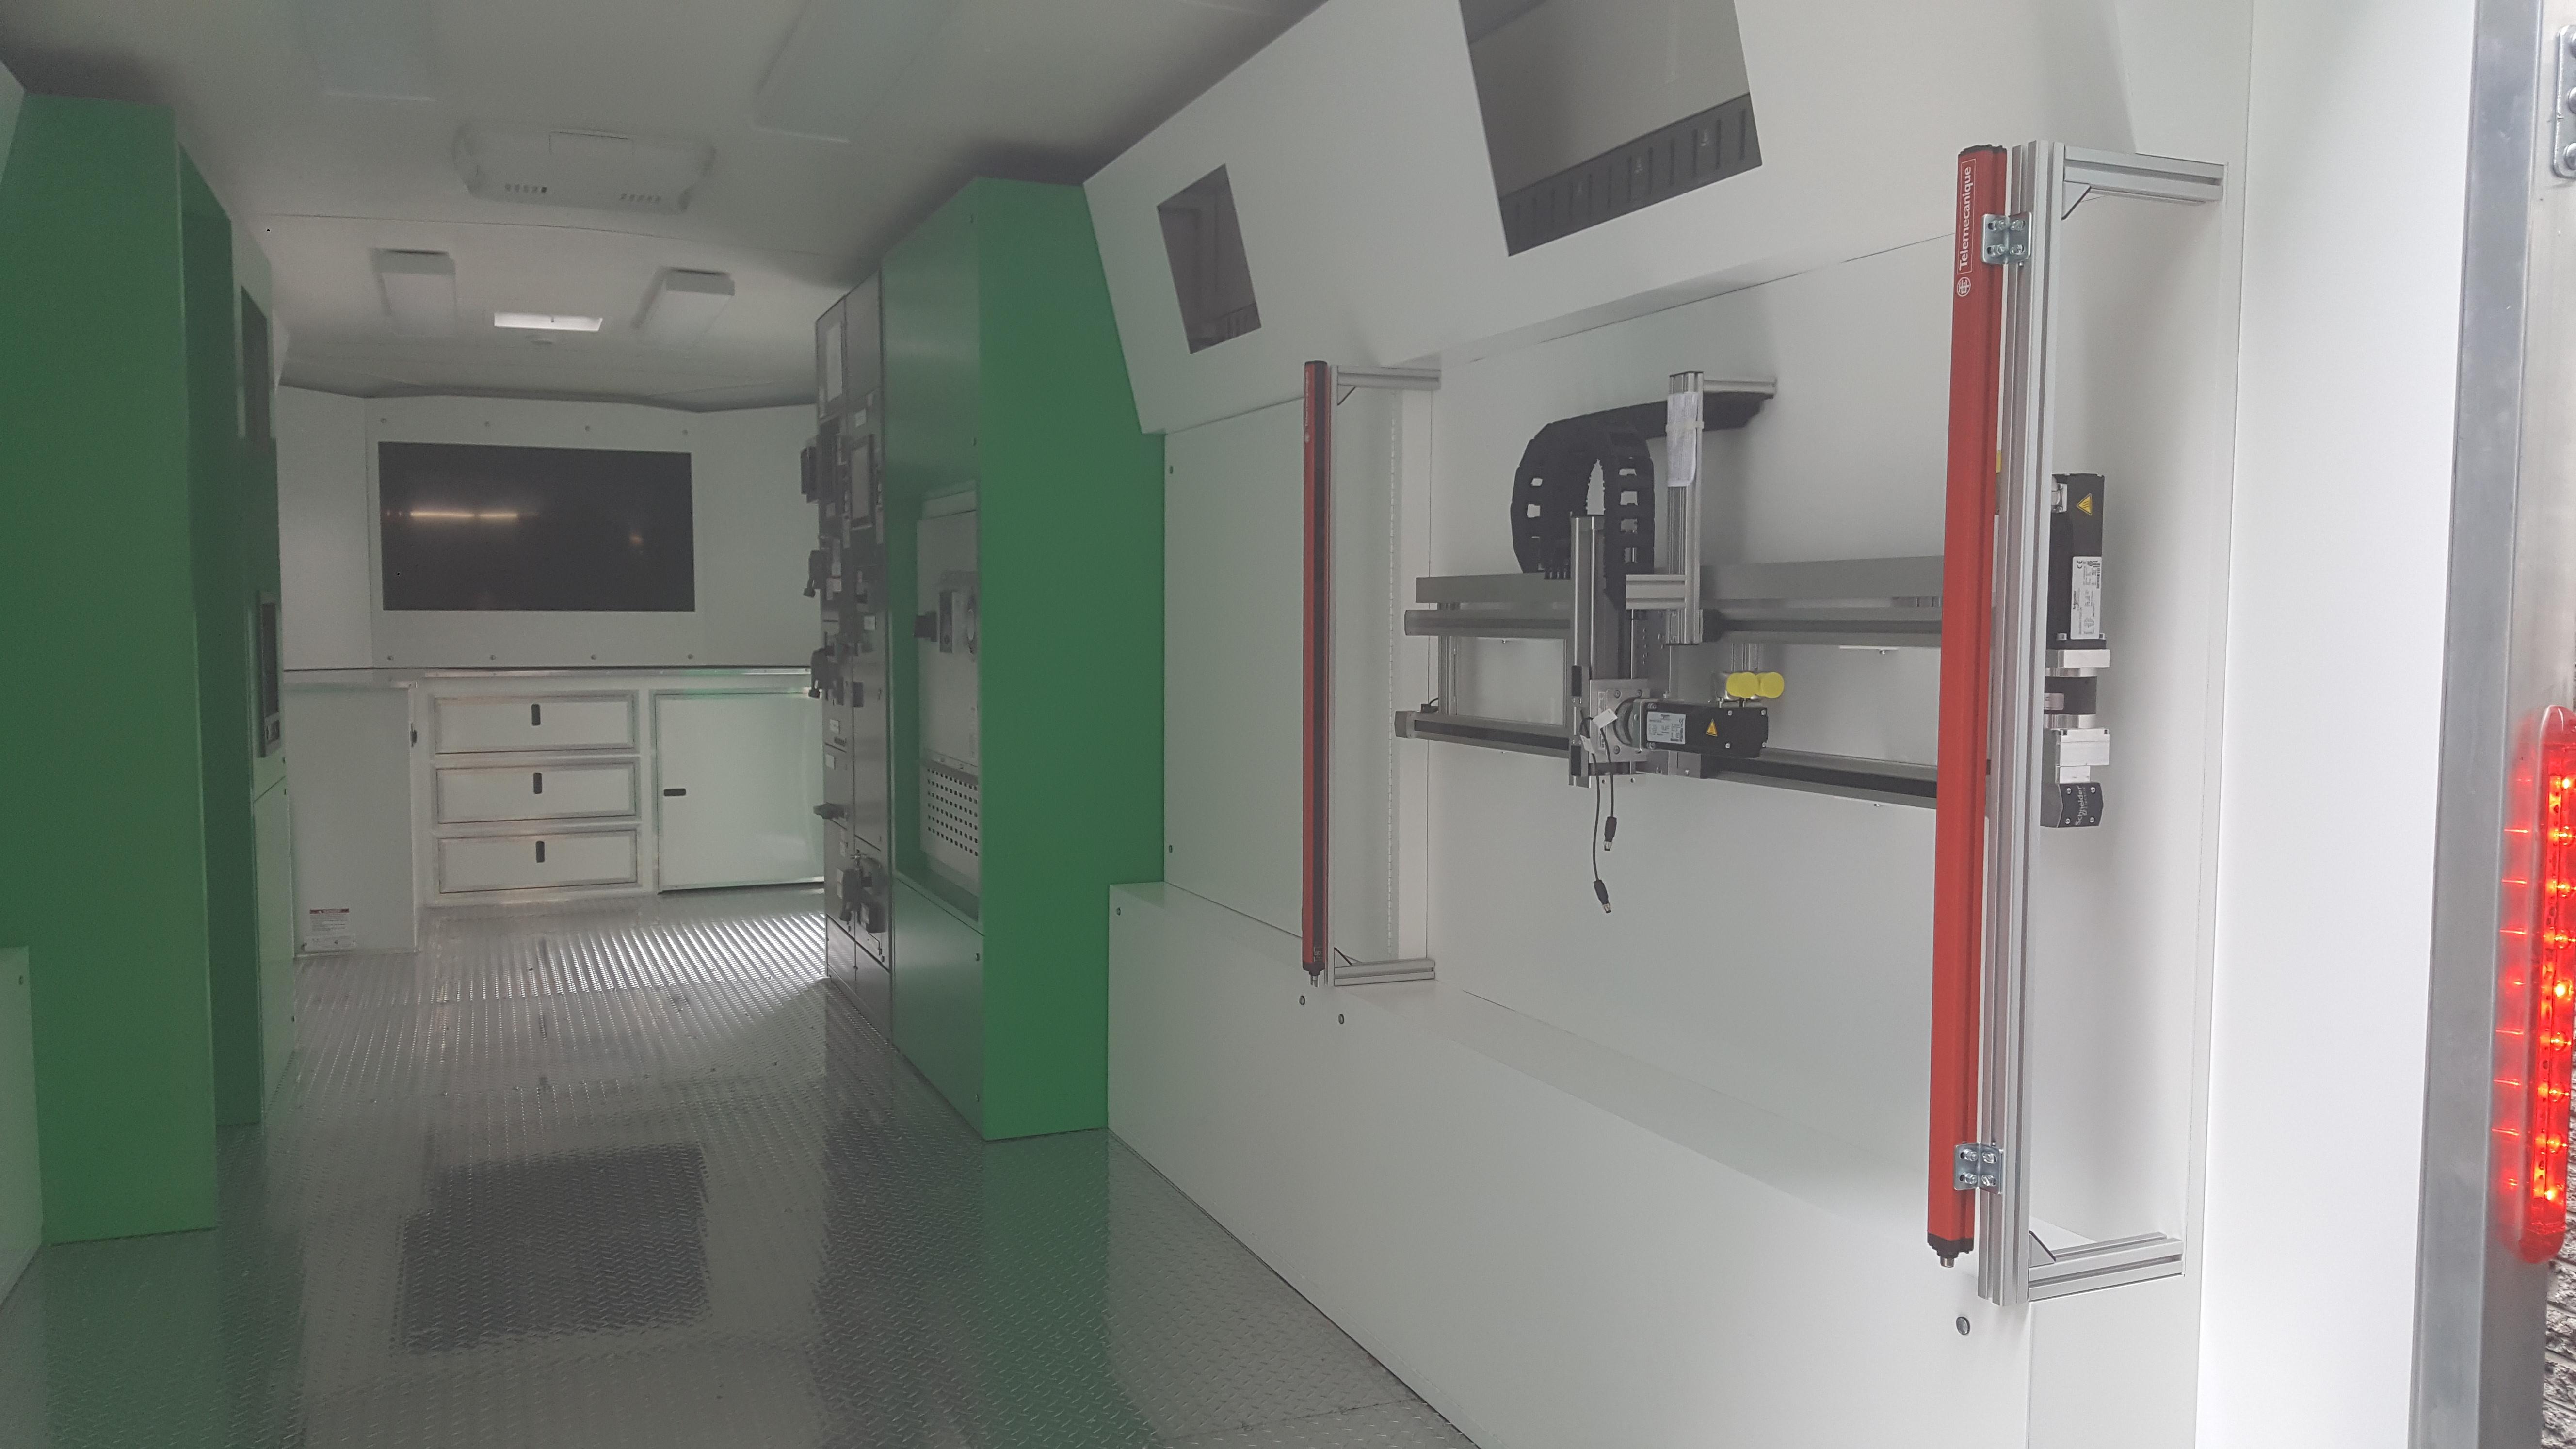 Intérieur remorque - Salle de montre